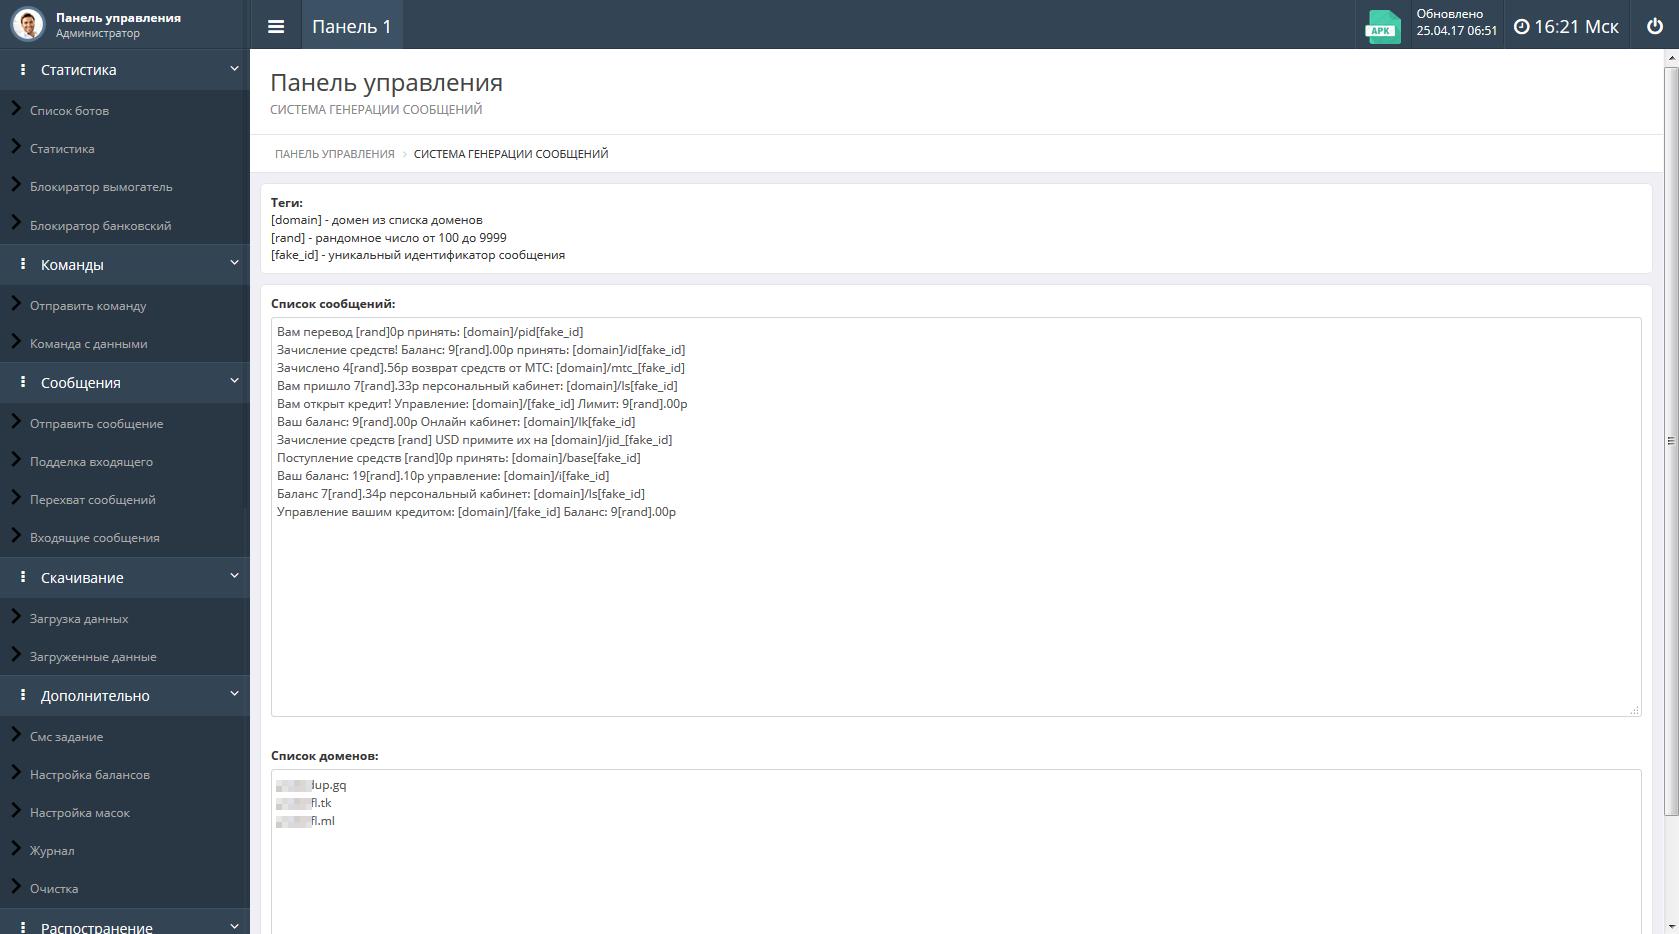 Примеры фишинговых сообщений, которые задаются в панели администрирования управляющего сервера троянца и рассылаются по команде злоумышленников